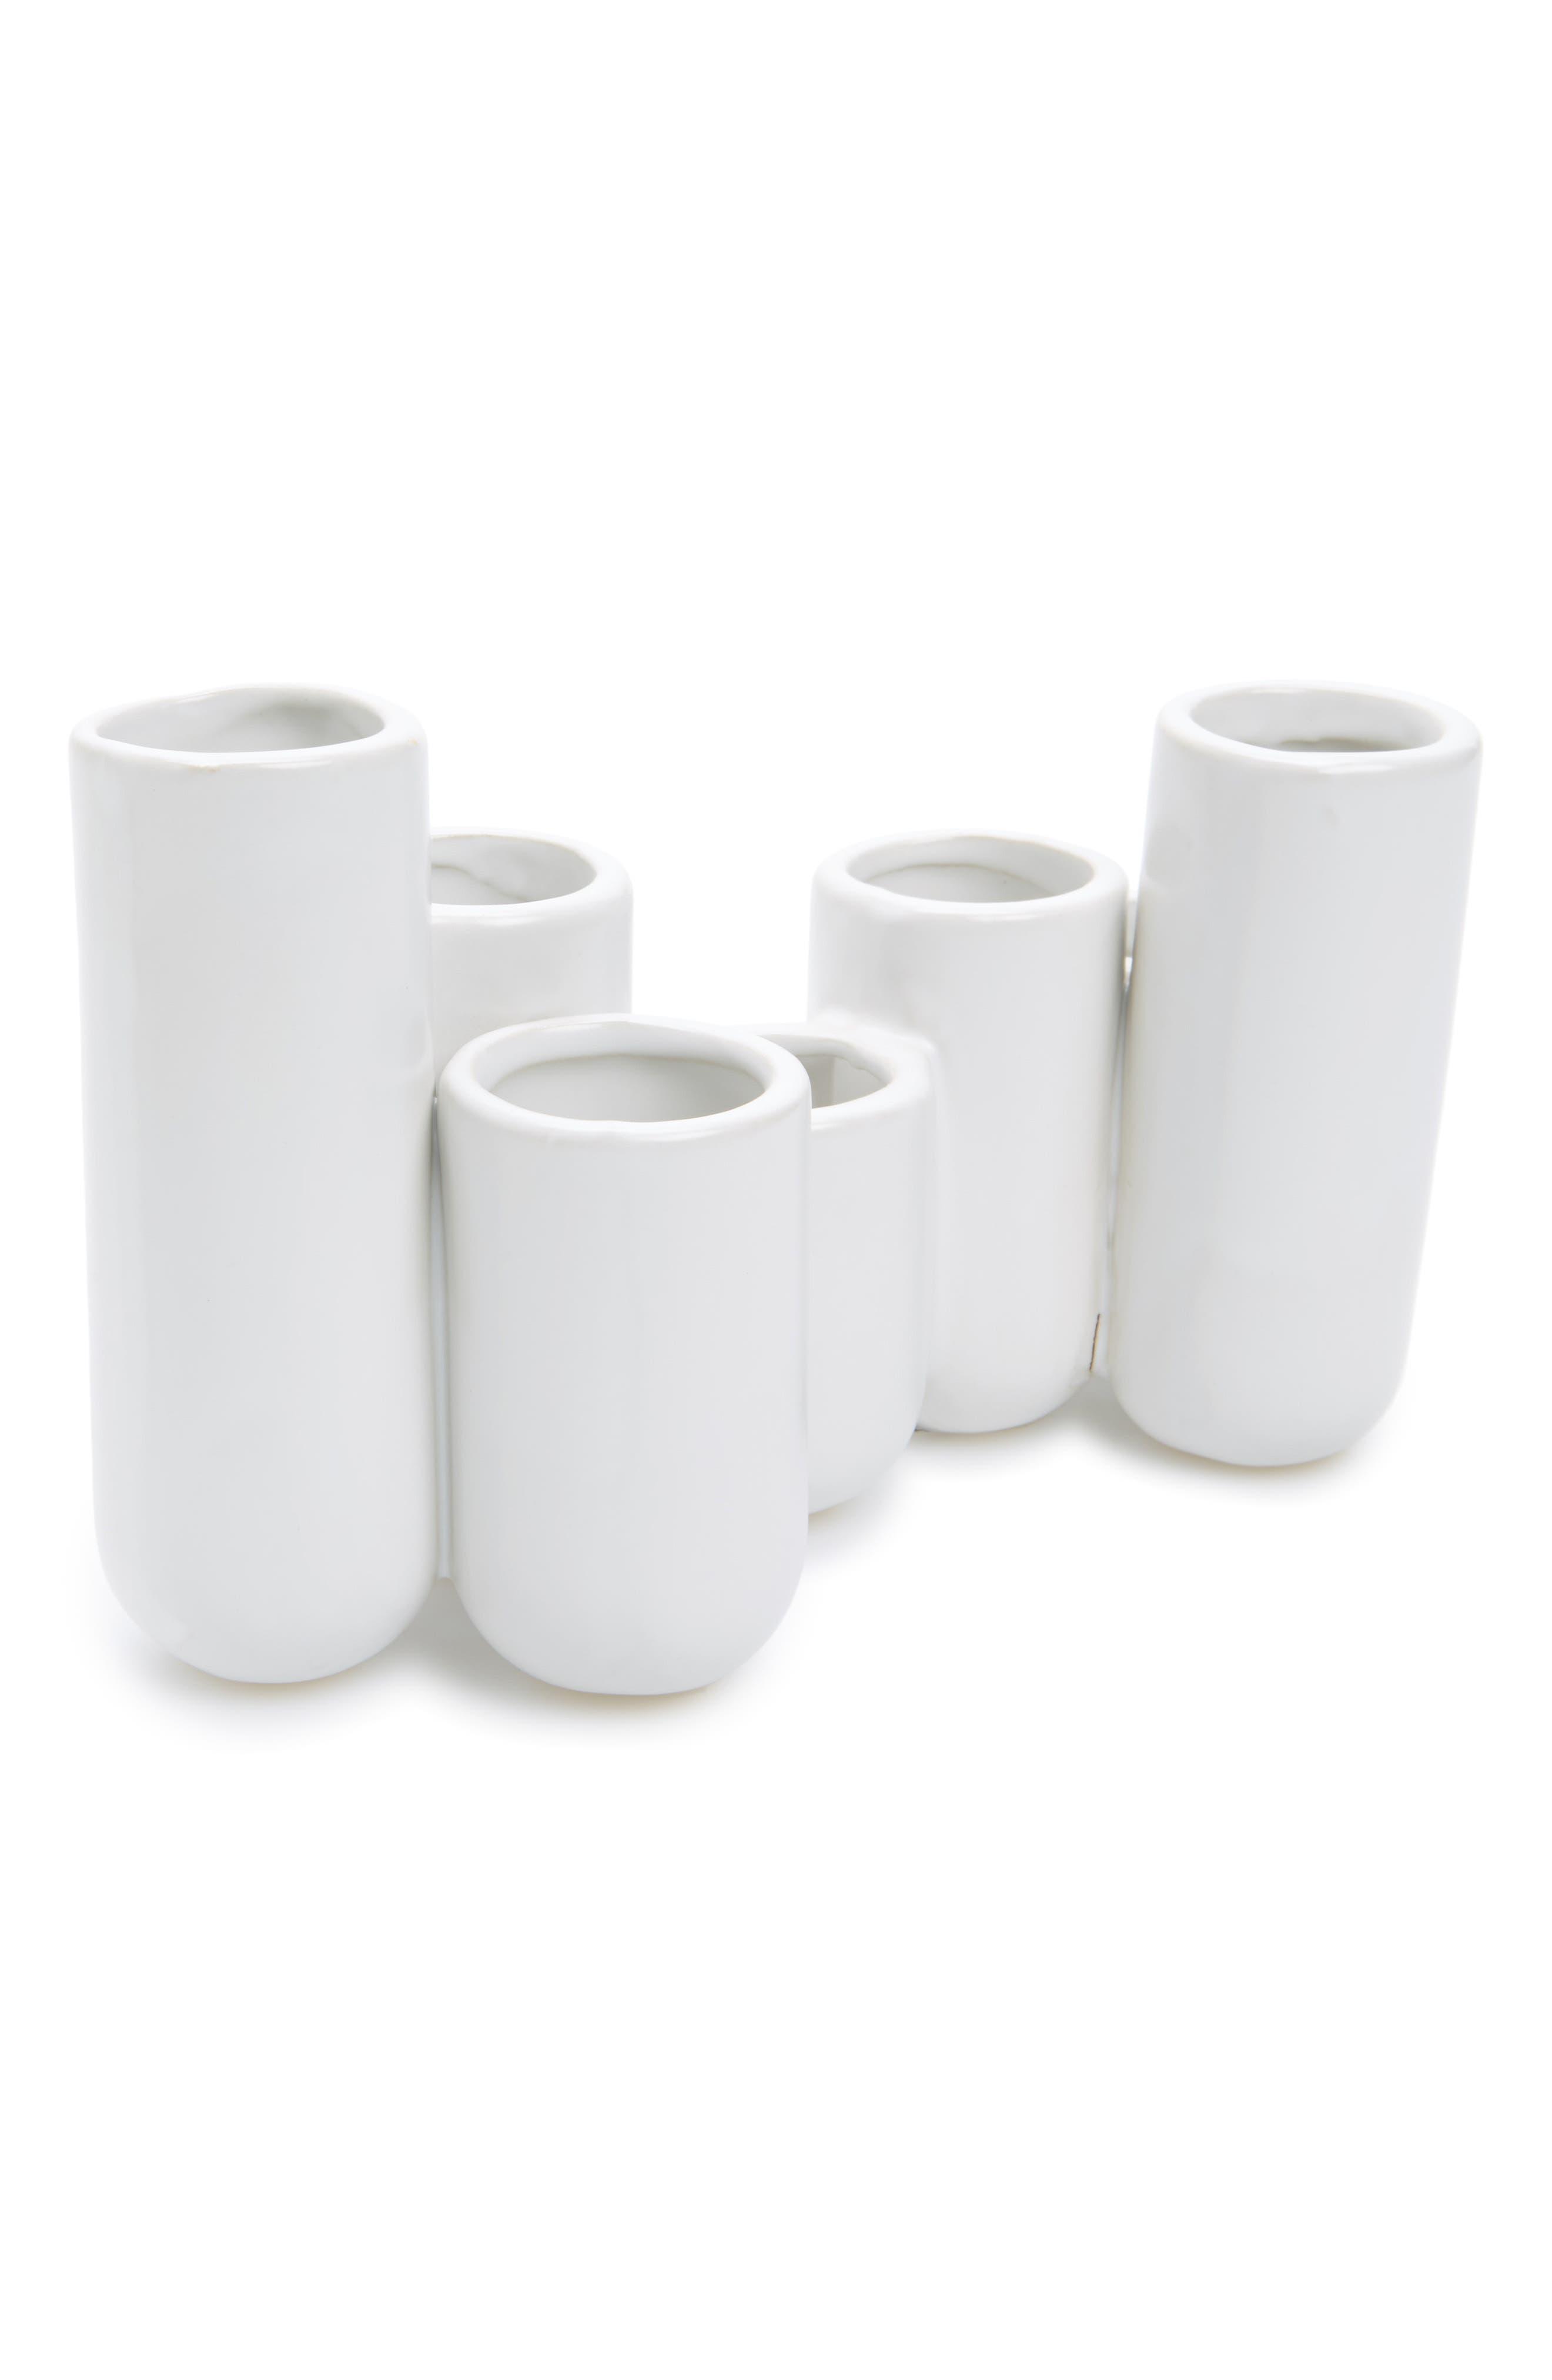 Main Image - HomArt Multi Container Ceramic Bud Vase